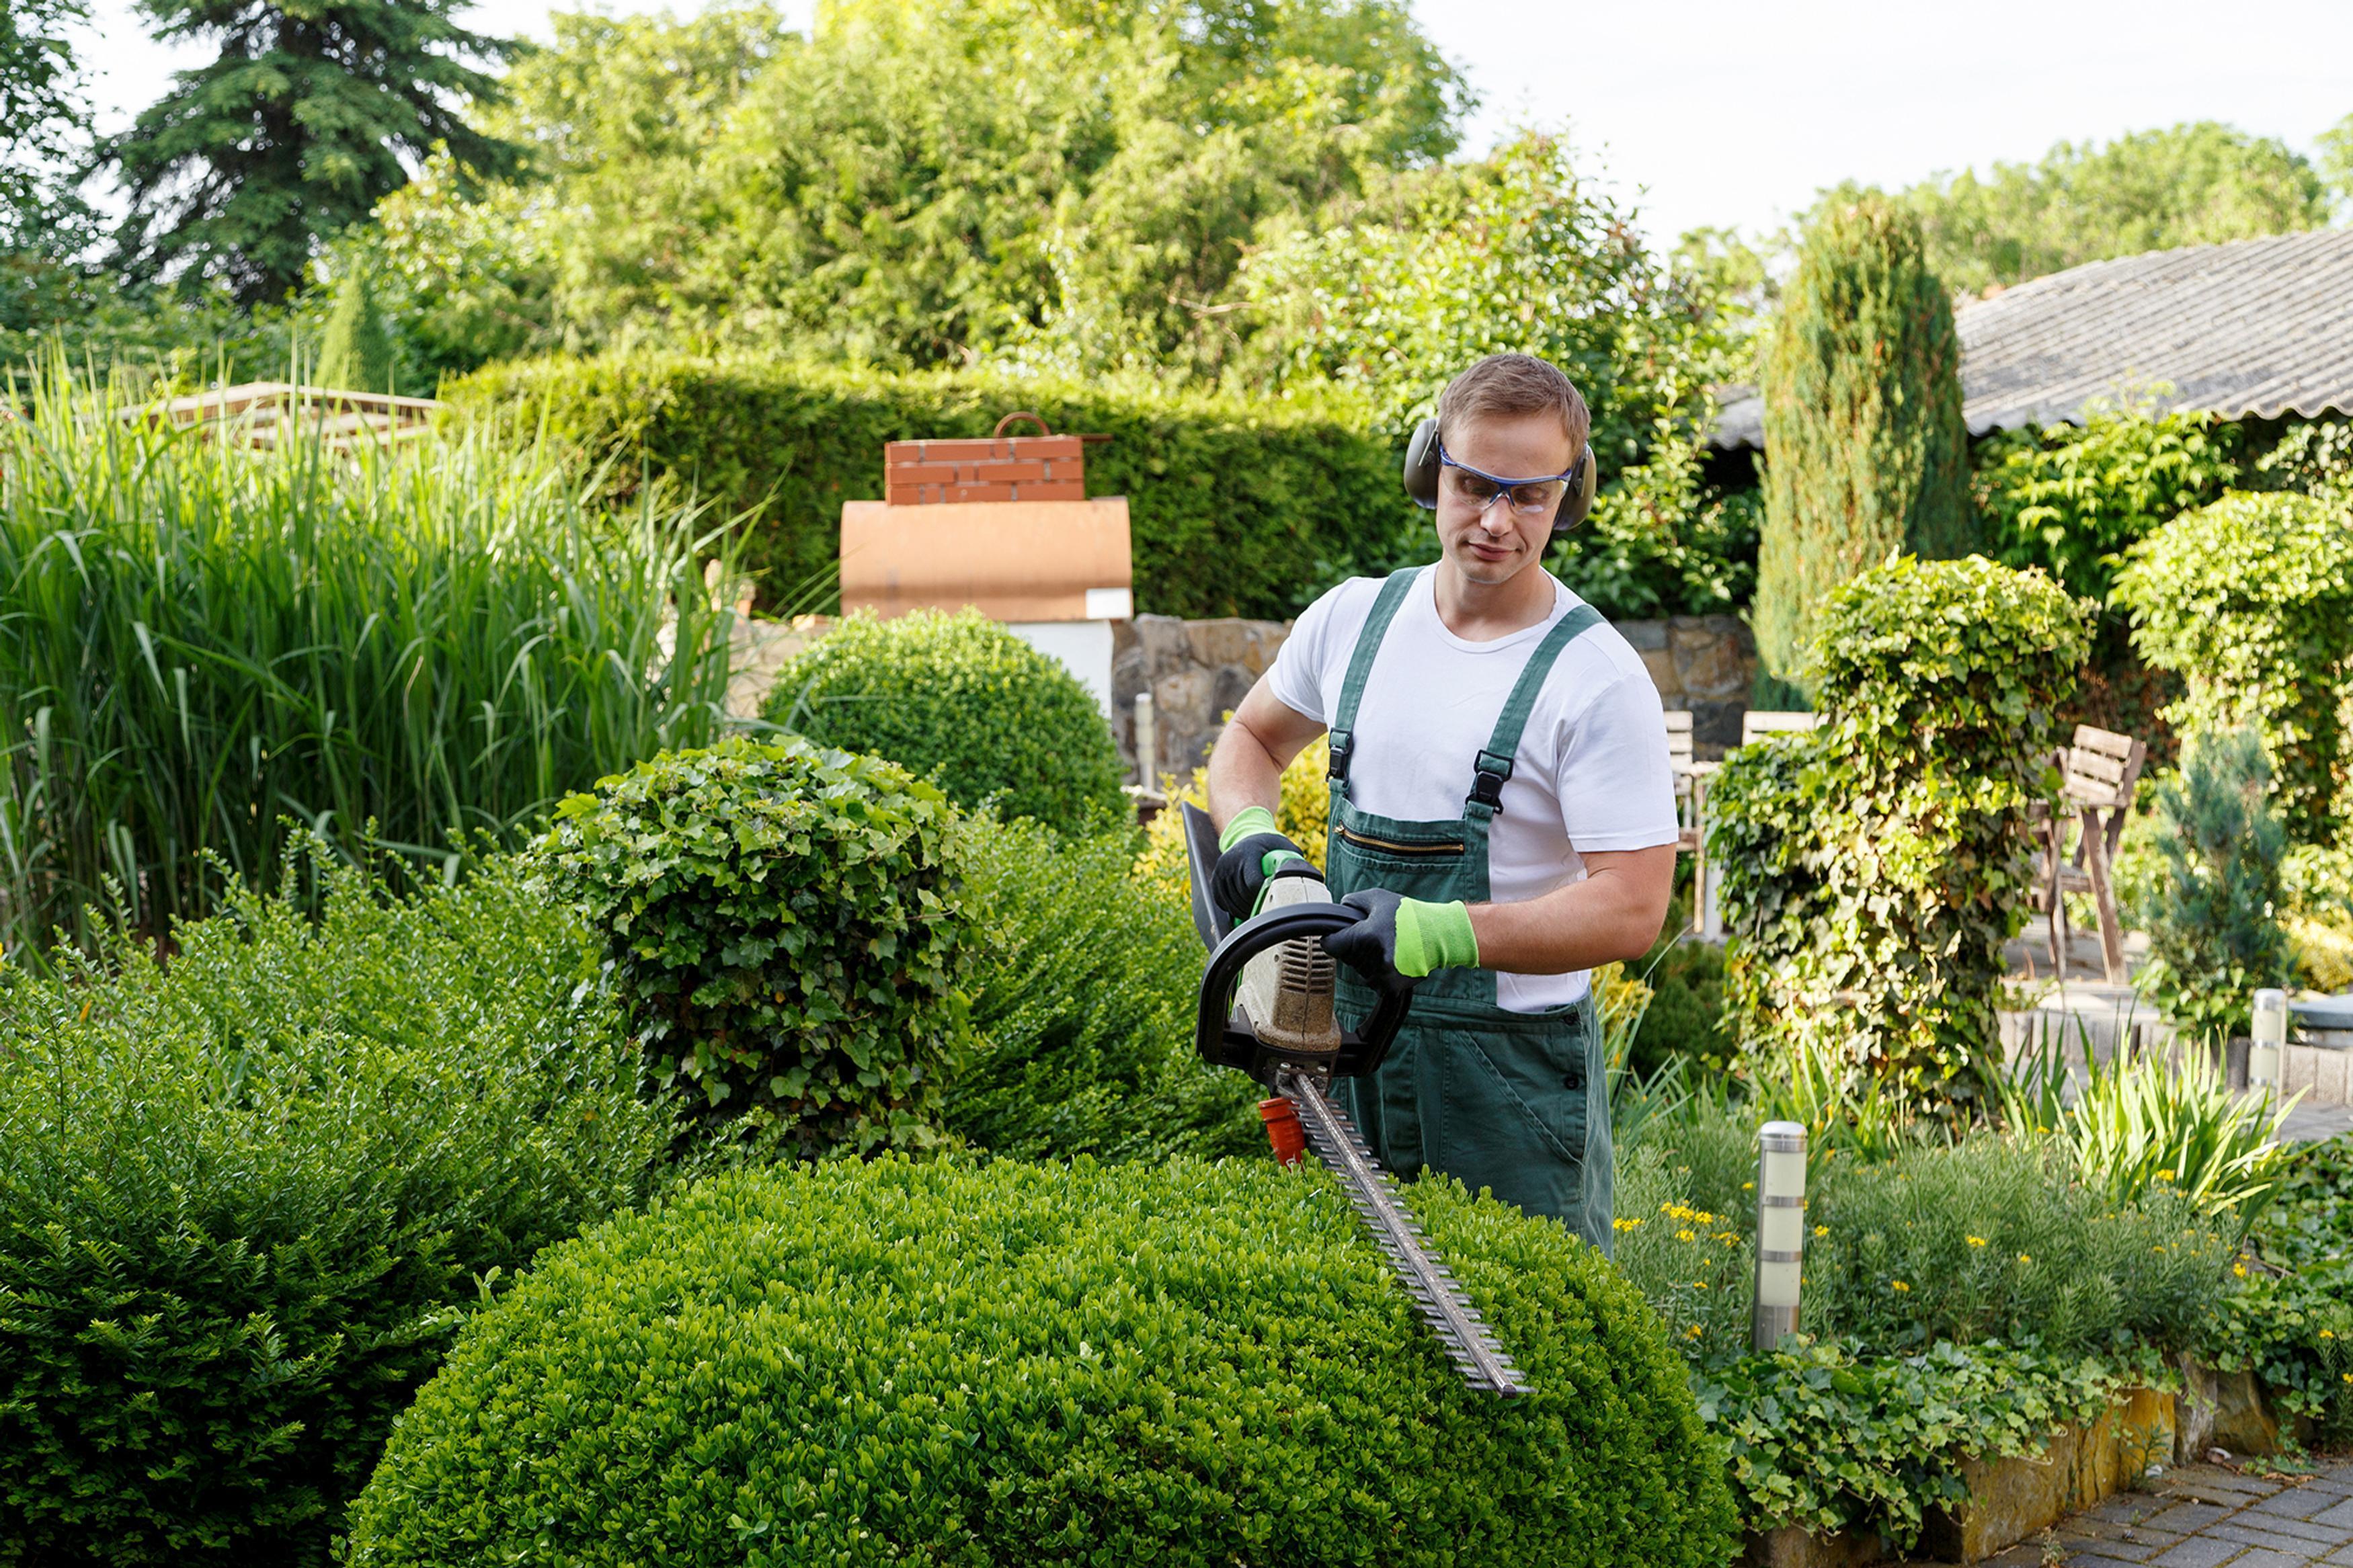 Image of a gardener landscaping a garden